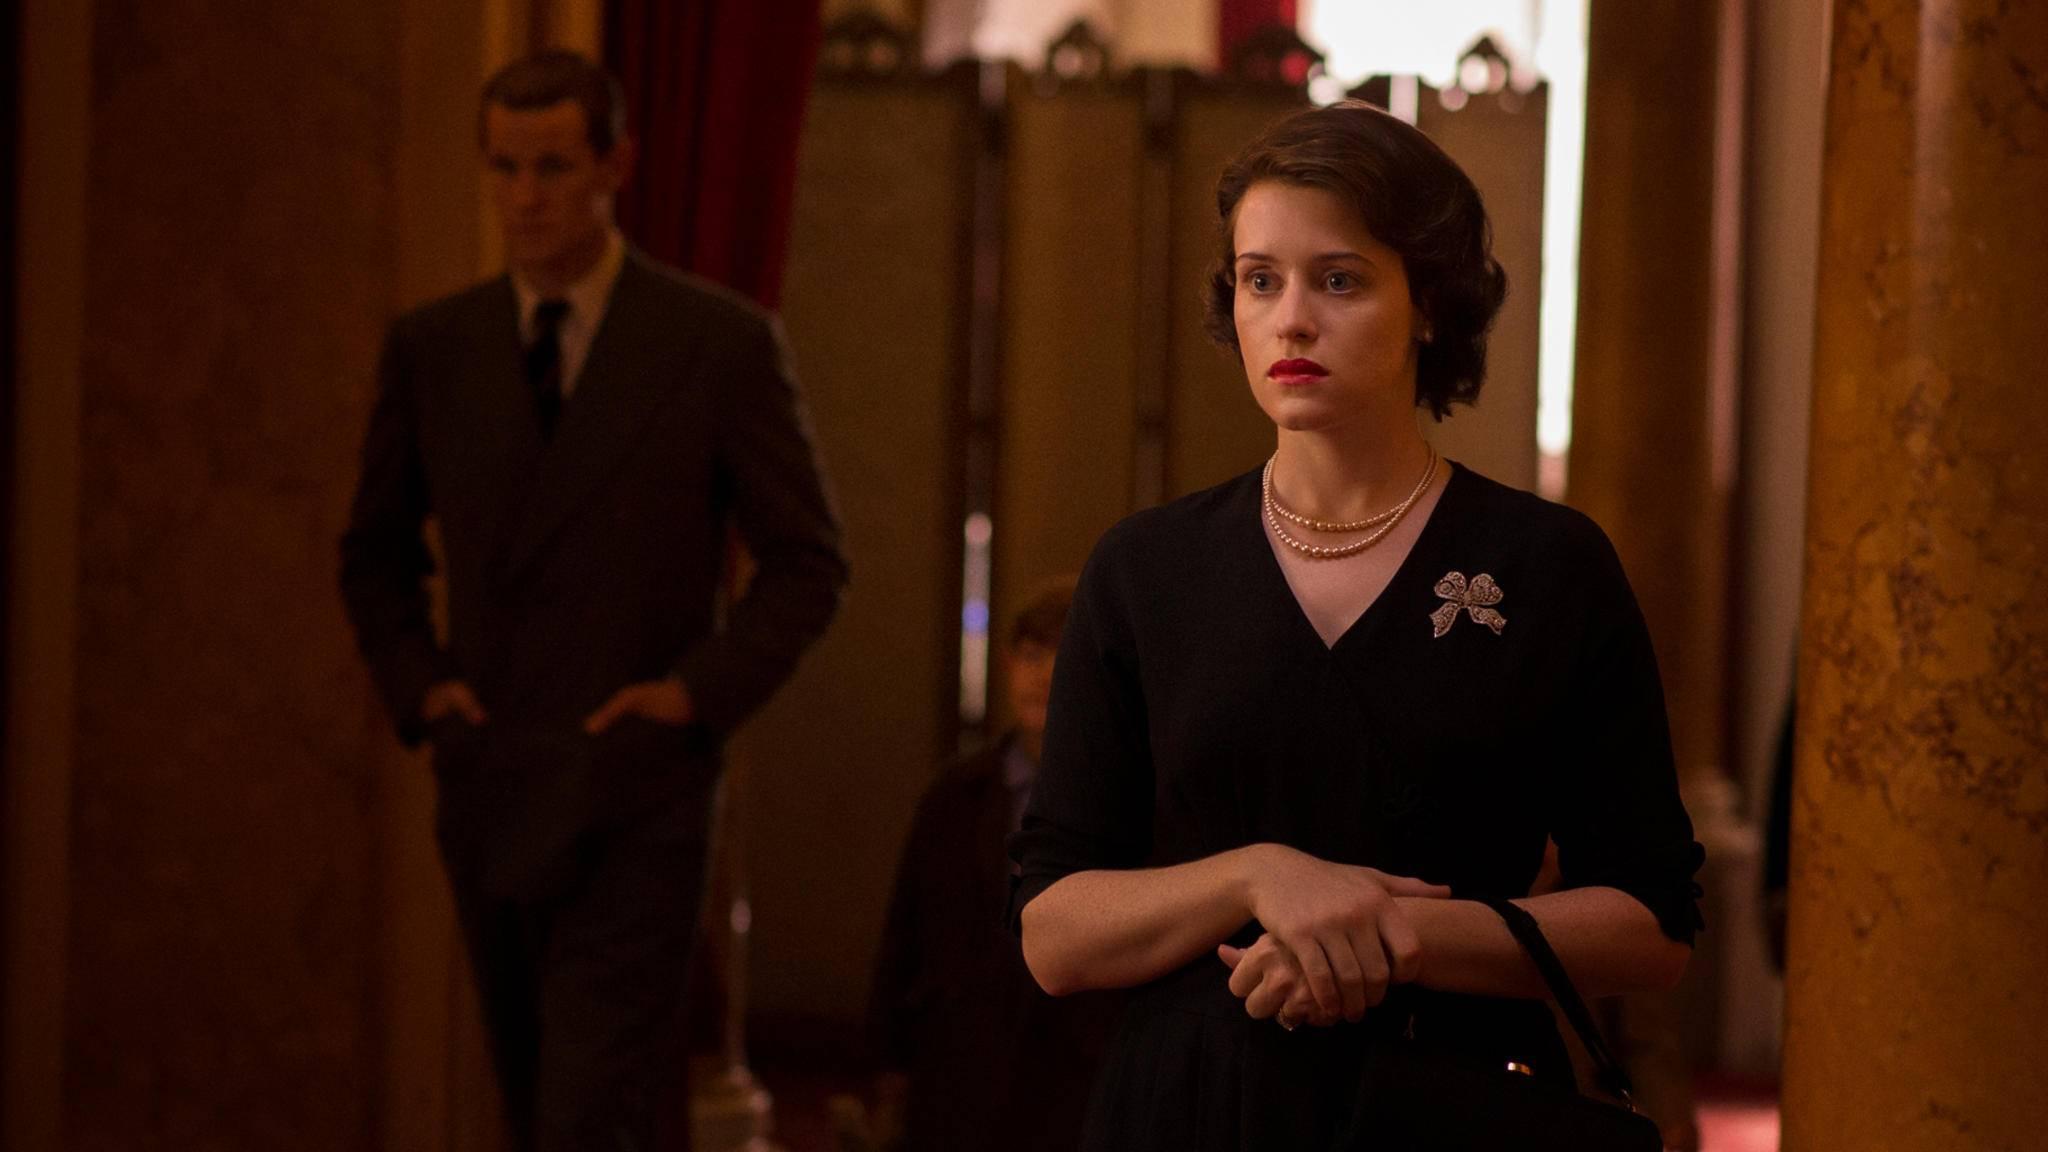 Staffel 3 muss ohne Claire Foy als Queen und Matt Smith als ihrem Prinzgemahl auskommen.